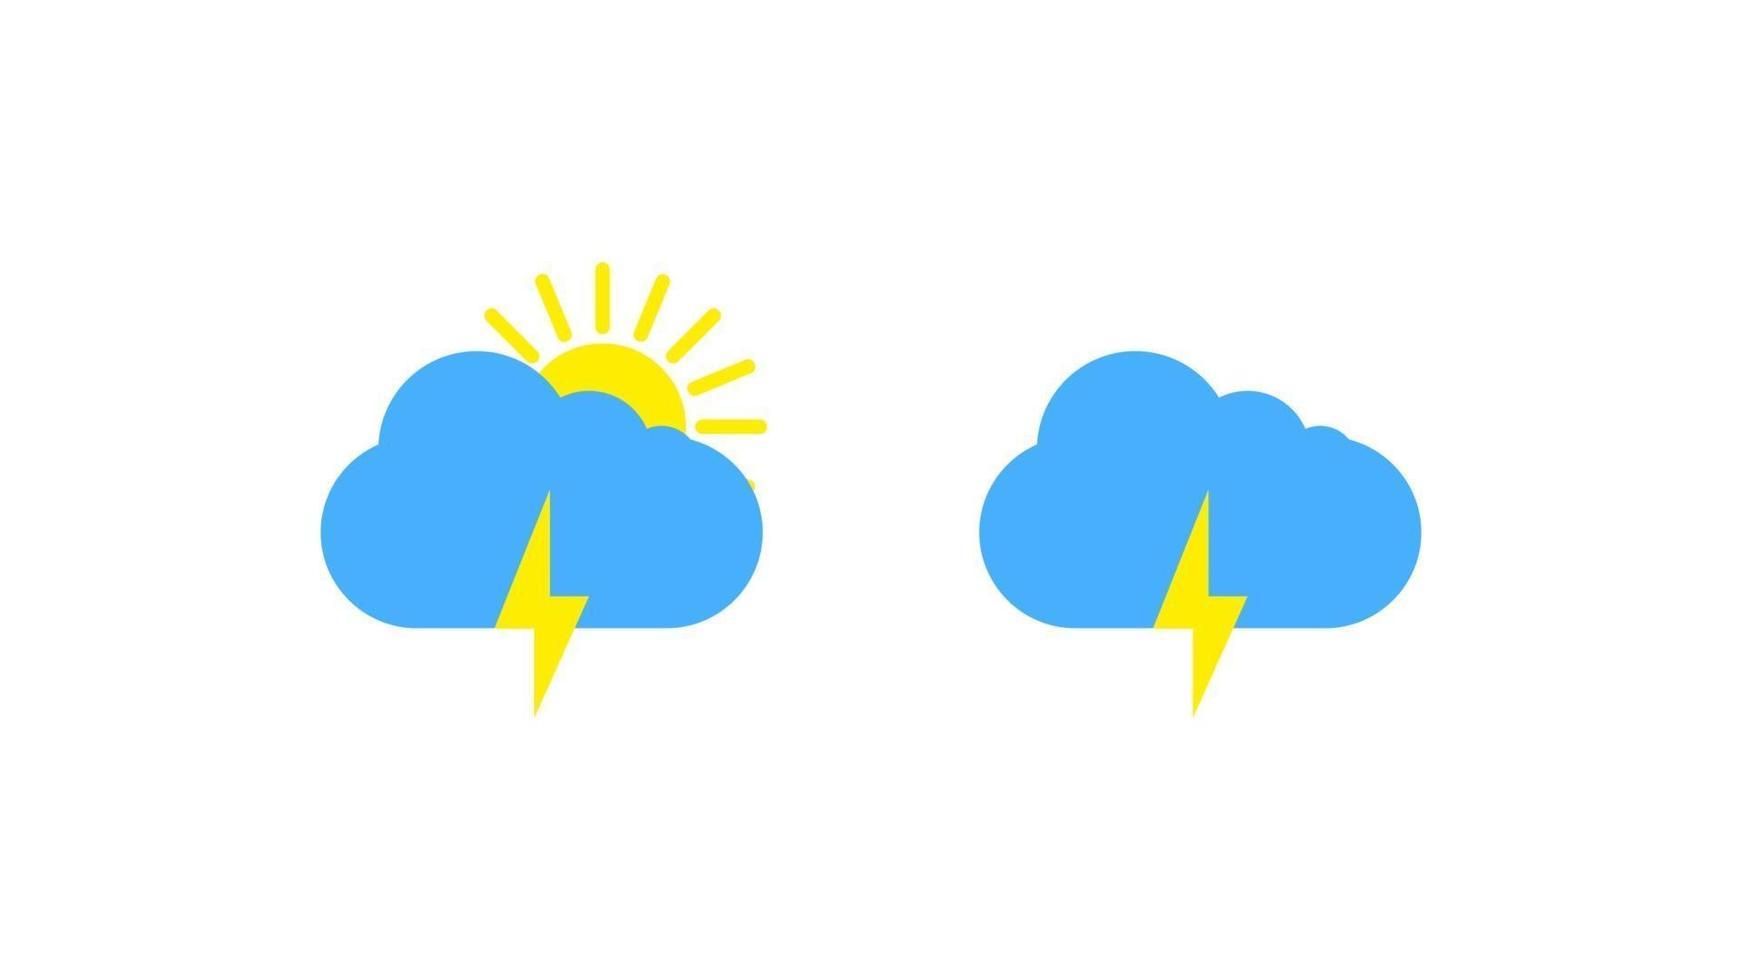 sonniges Wetterzeichensymbol auf weißem Hintergrund. gelbe Sonne und Wolke und Blitzillustration vektor